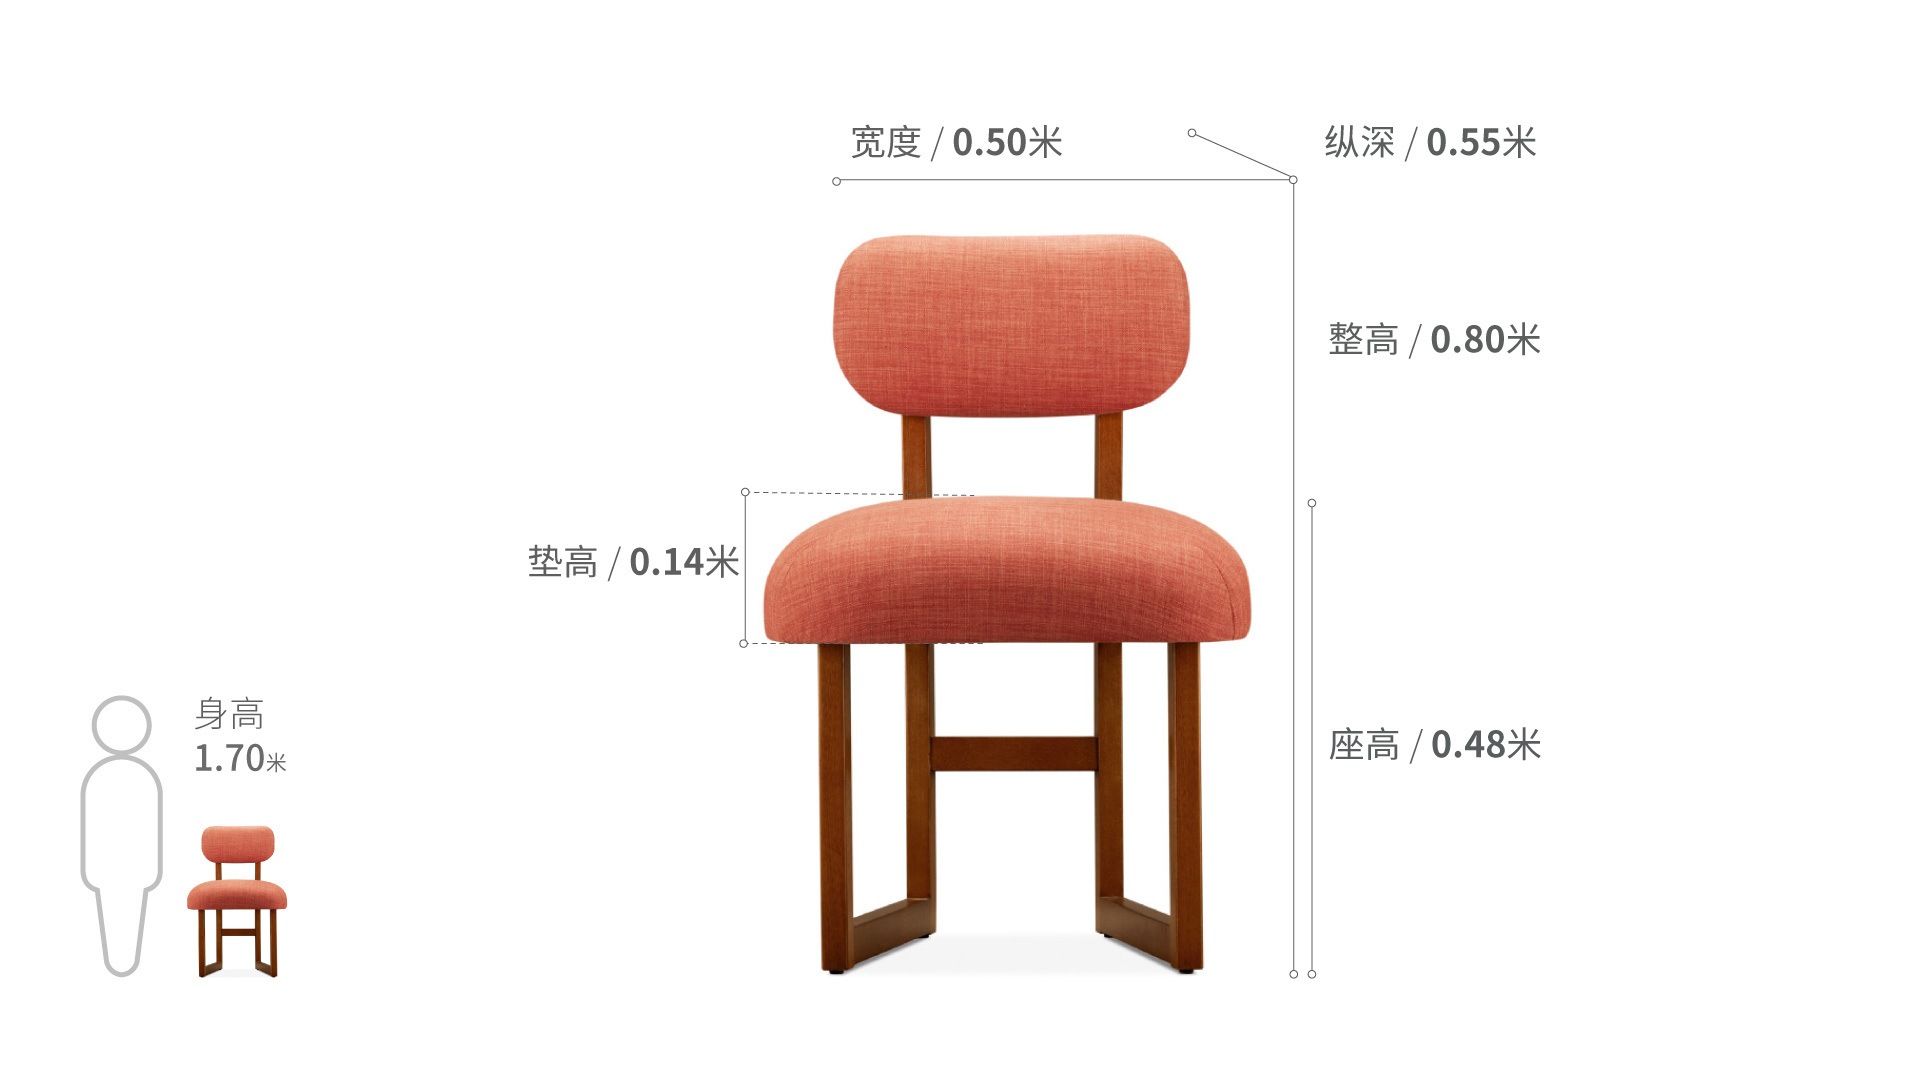 造作8点实木软椅职业版®椅凳效果图